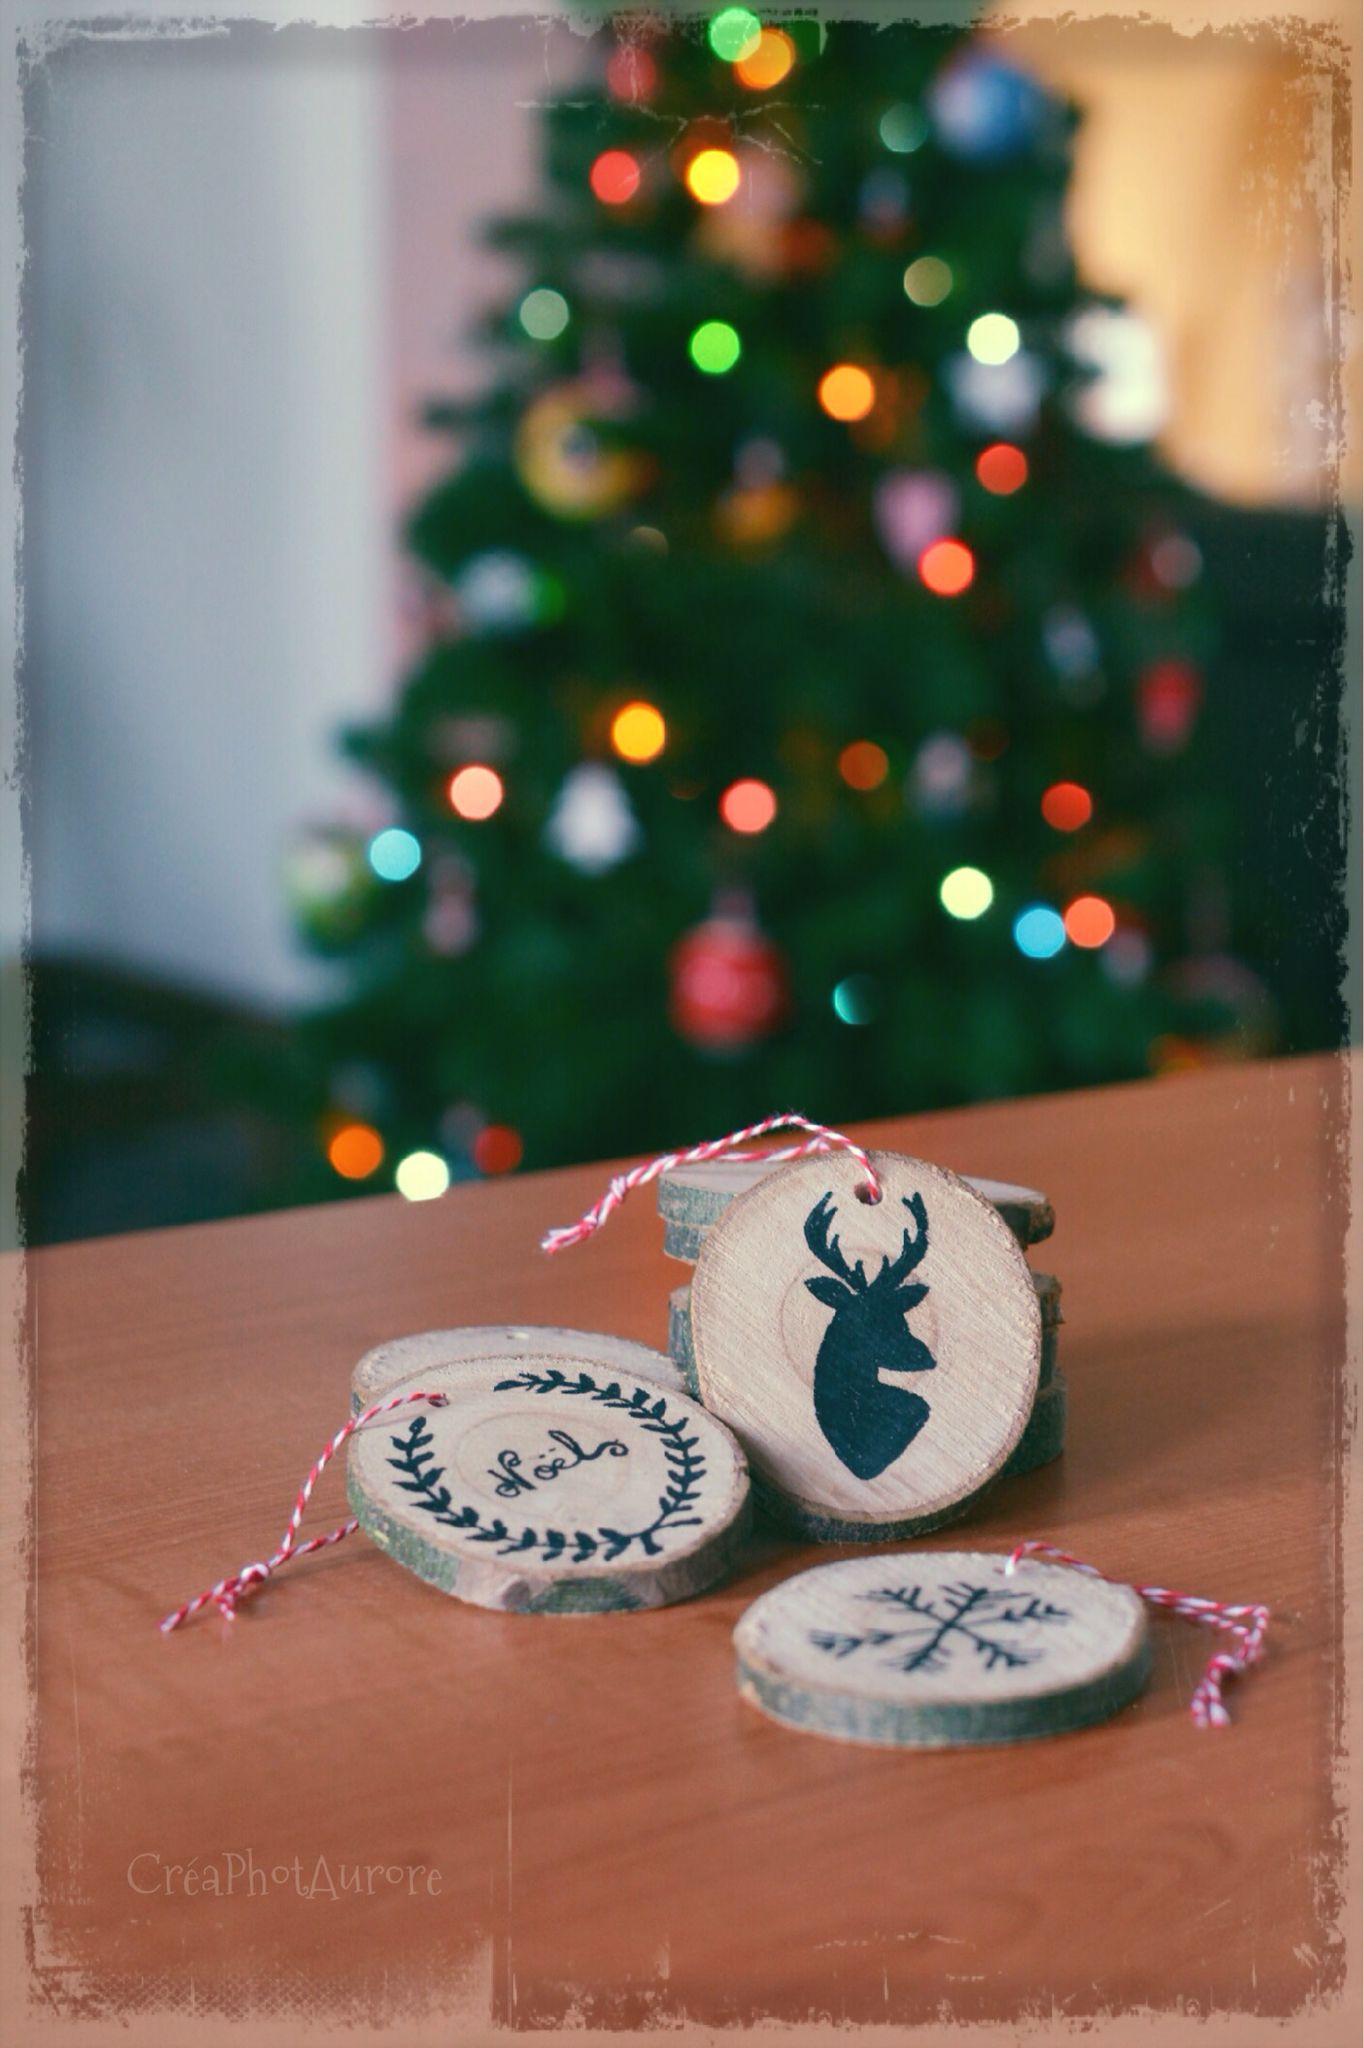 Ornements sapin de Noël, écolo et à moindre coût avec des rondelles de bois !